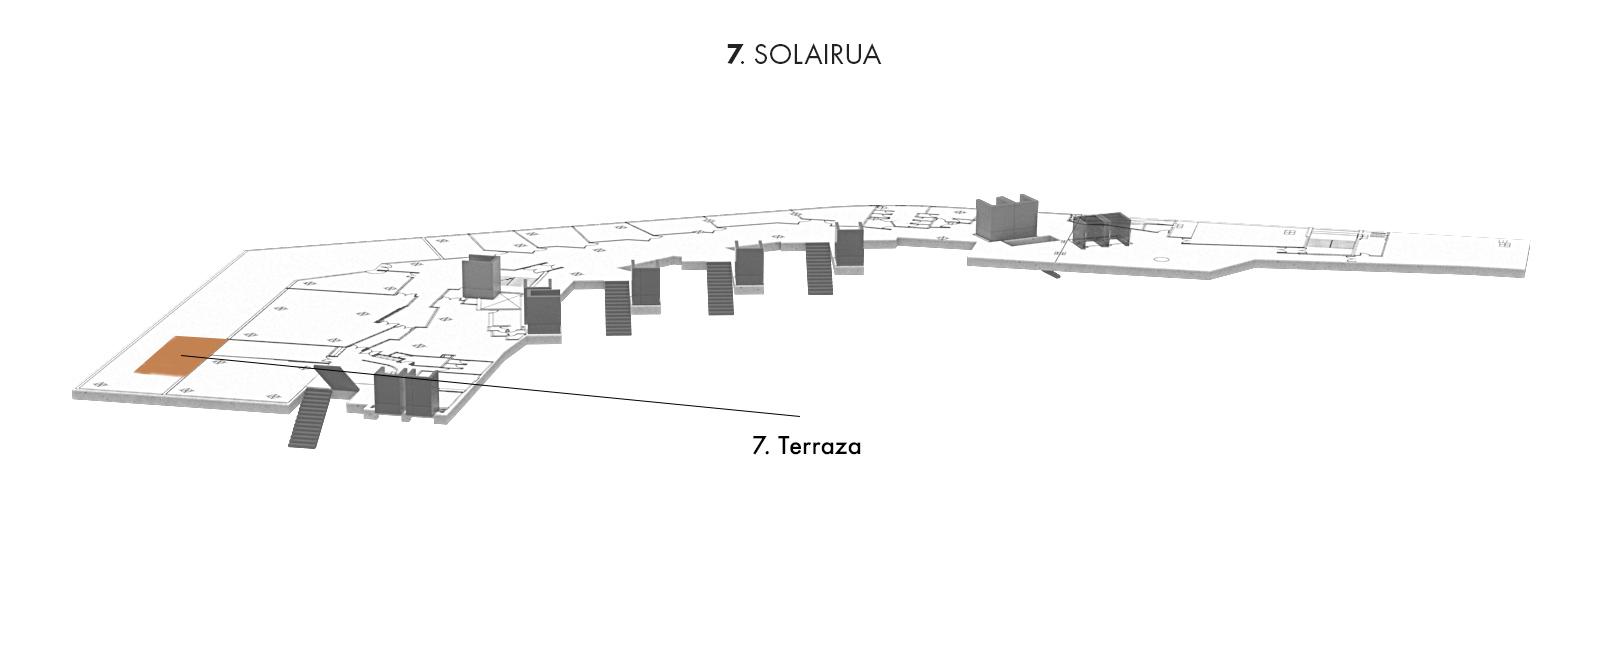 7. Terraza, 7. solairua | Palacio Euskalduna Jauregia